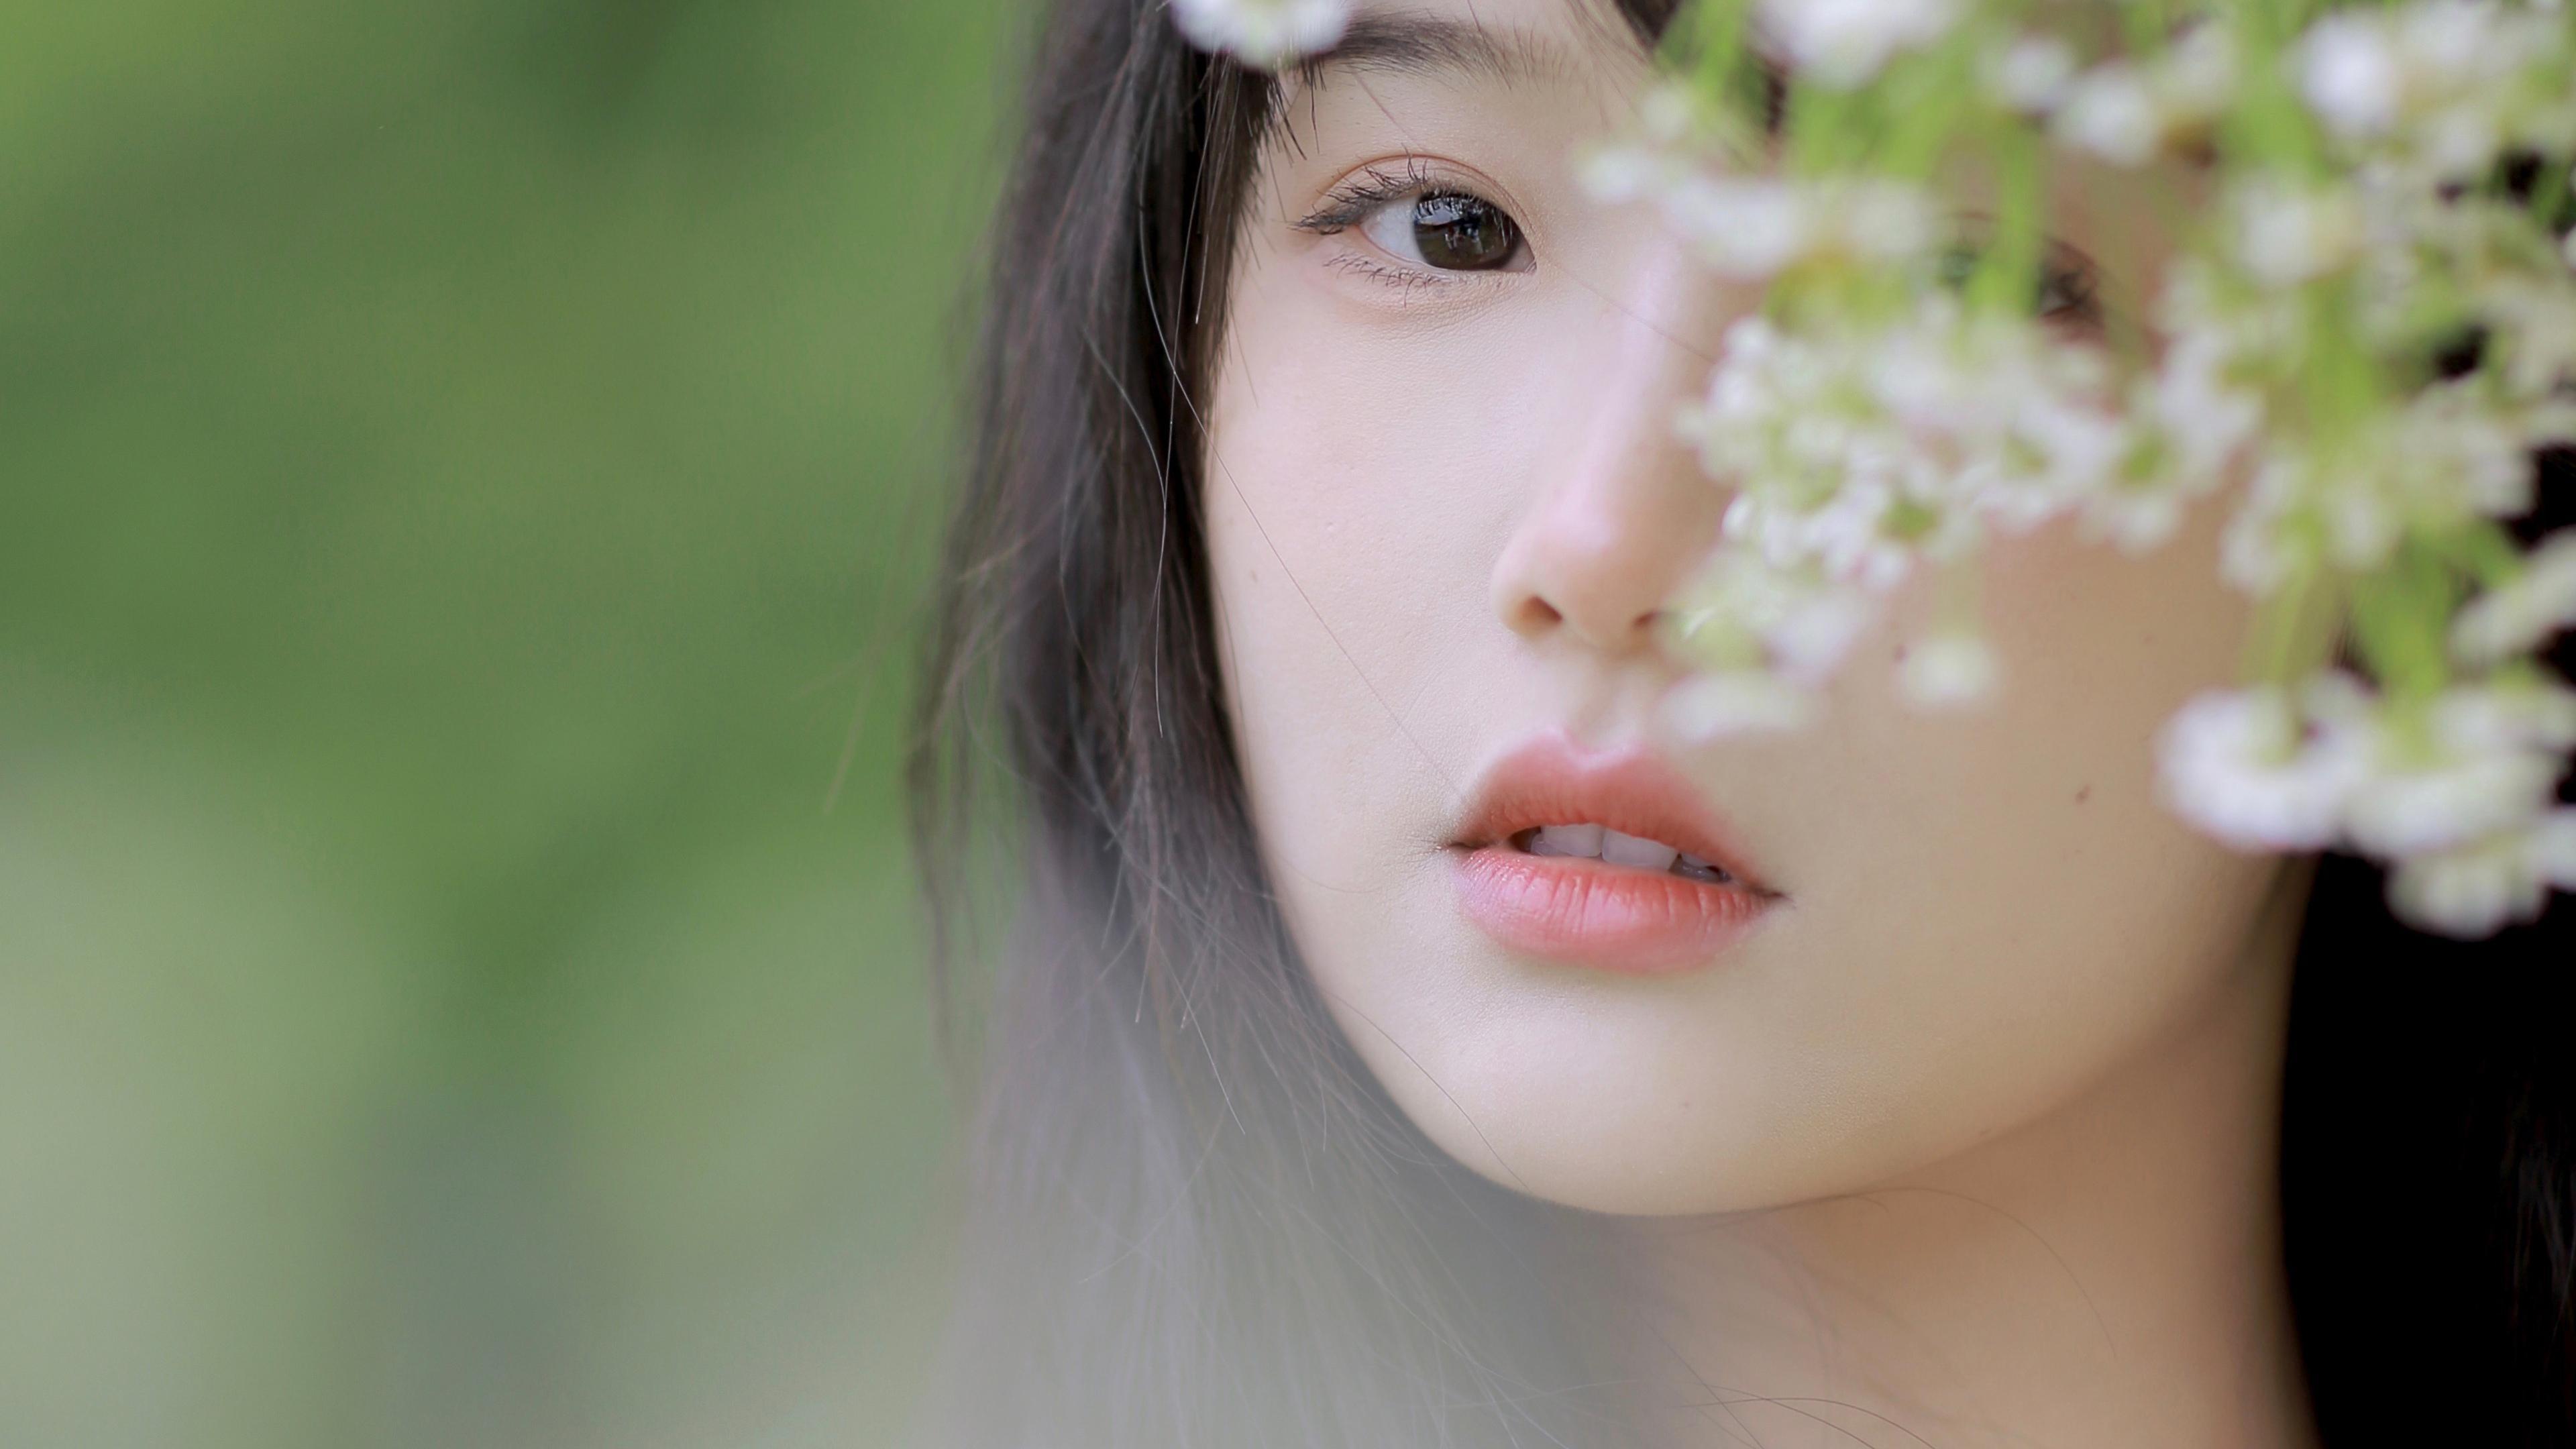 美女模特,清纯,春天,女孩,小家碧玉